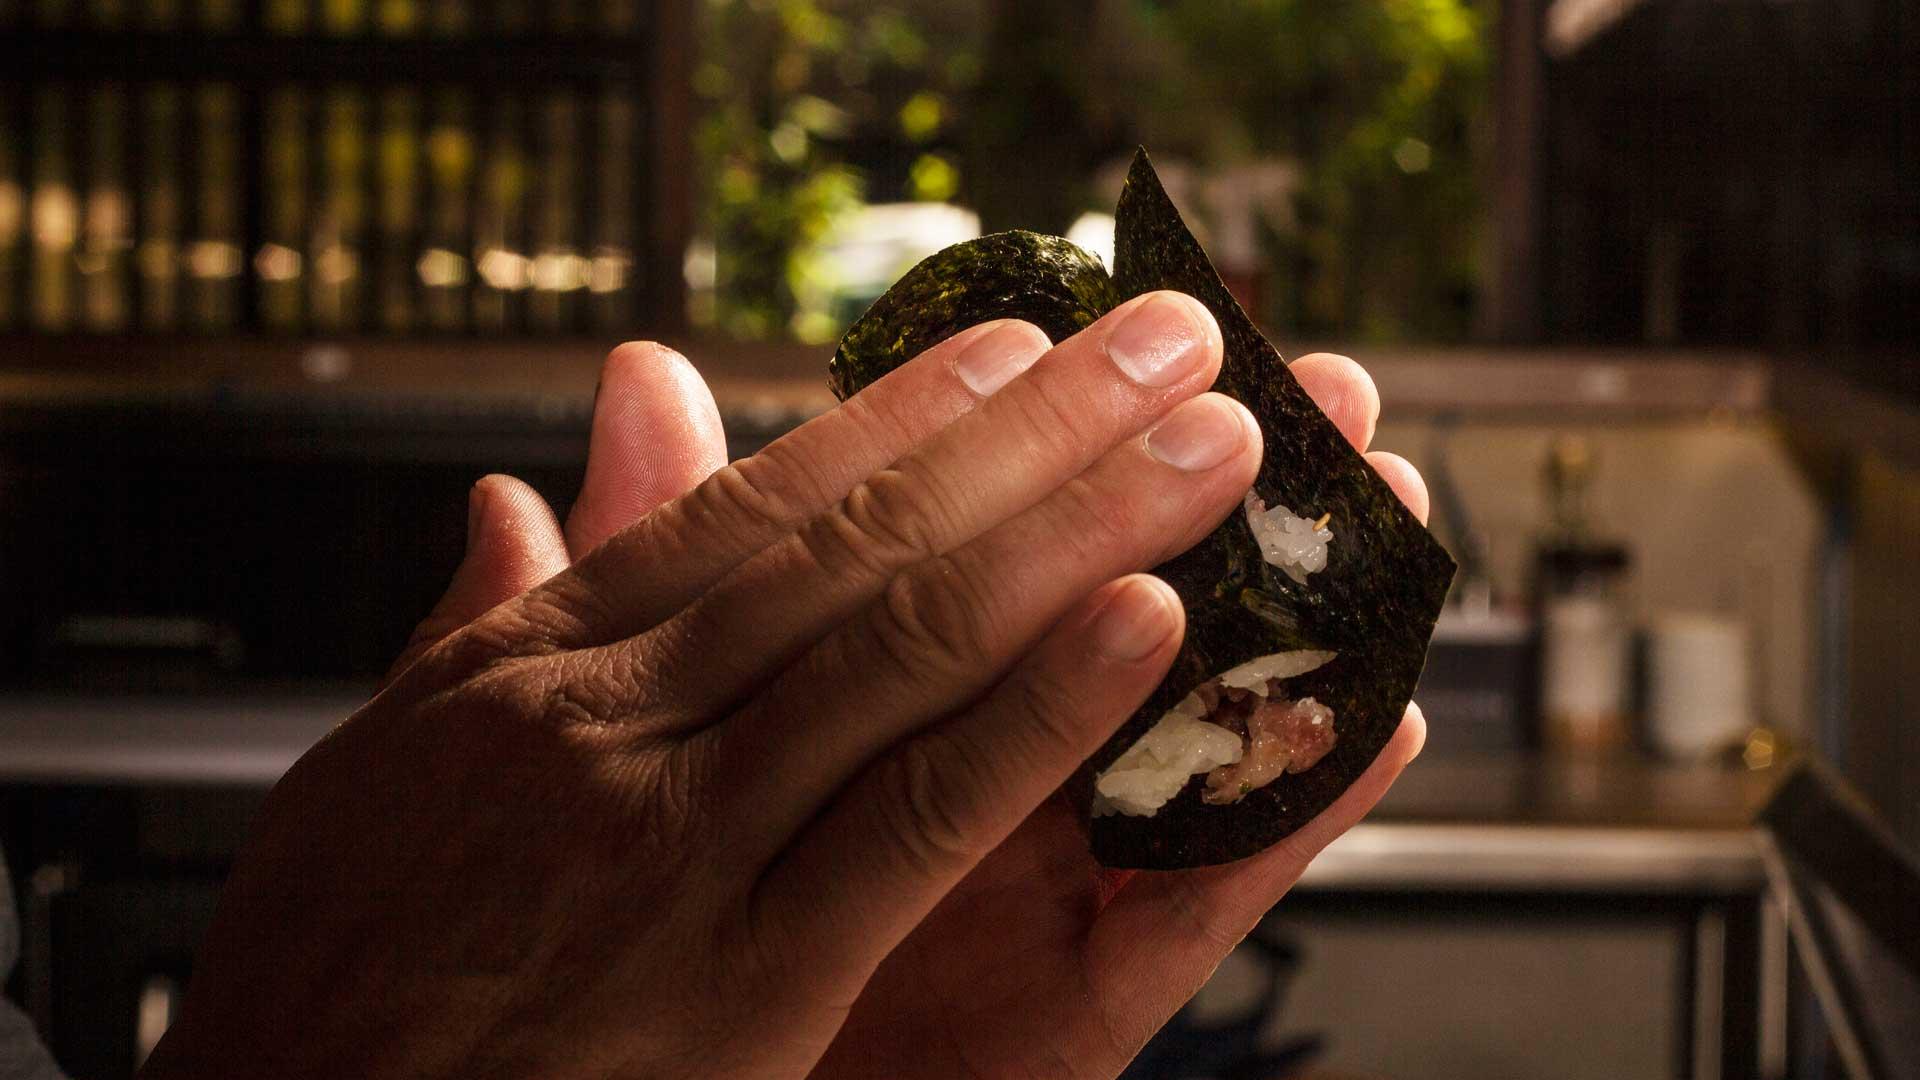 Restaurante San-tō: el arte de comer con las manos